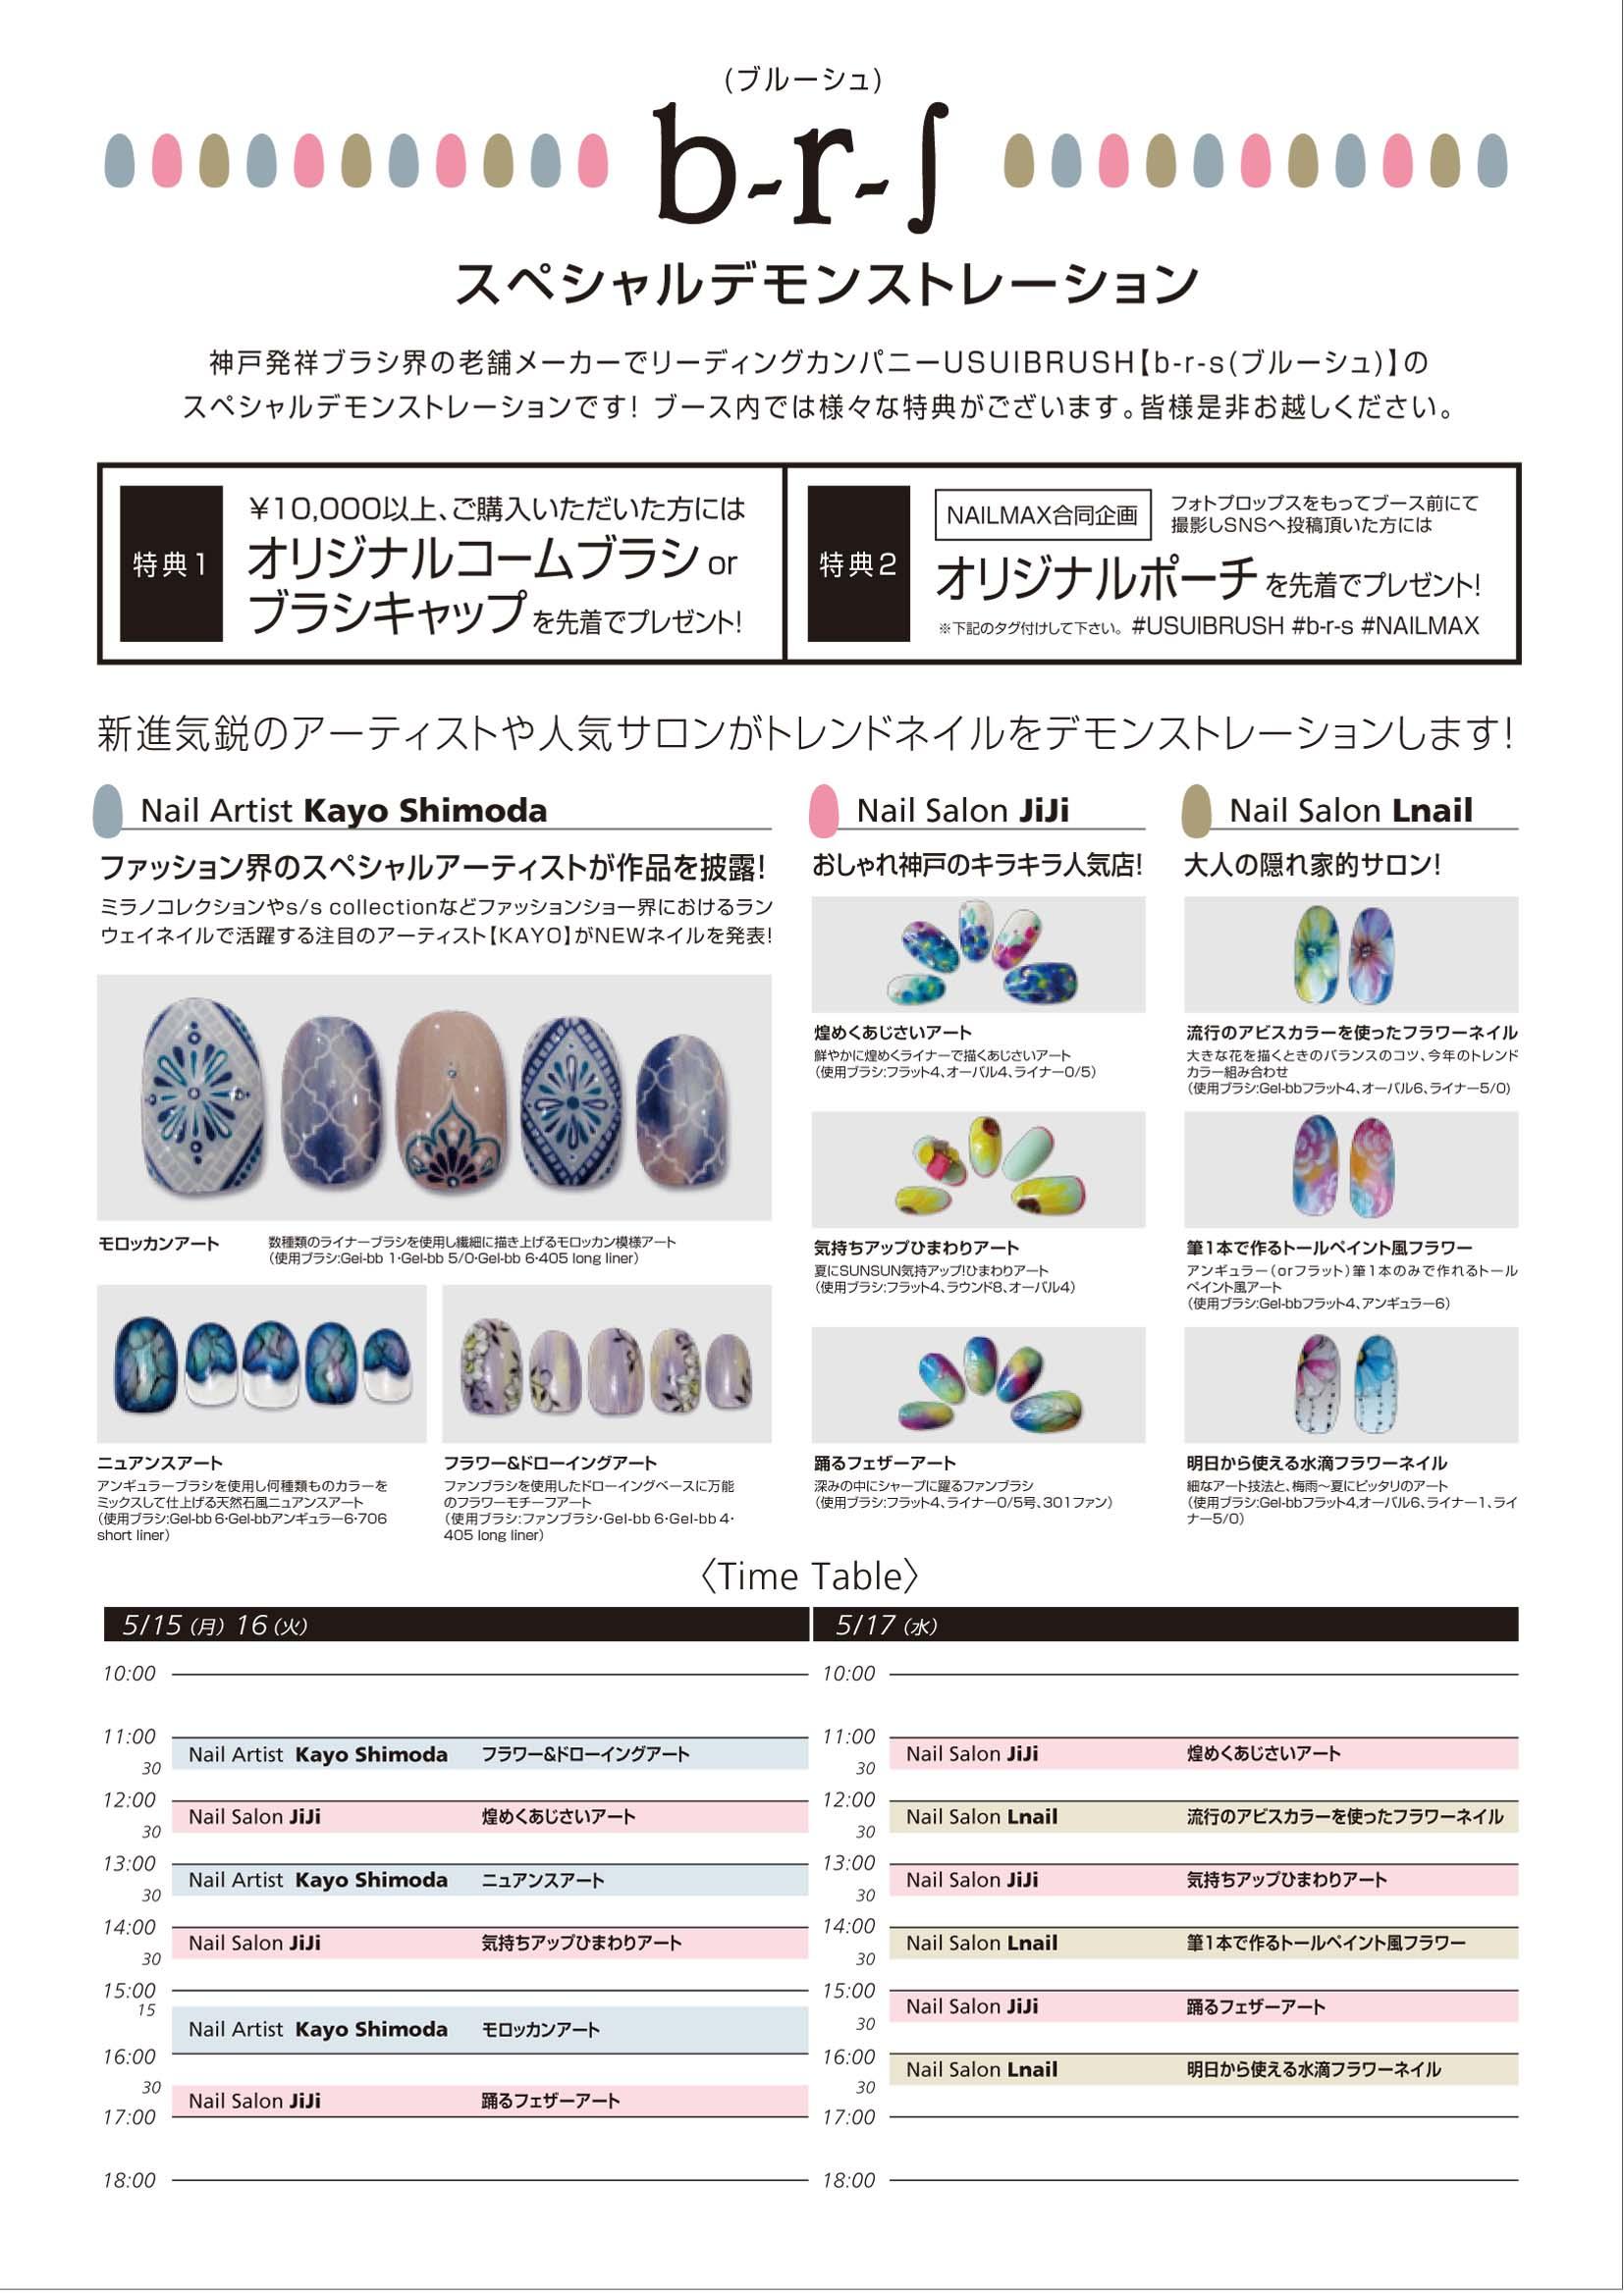 ビューティーワールドジャパン 東京ネイルフォーラム2017 | ブルーシュ ネイルブラシ